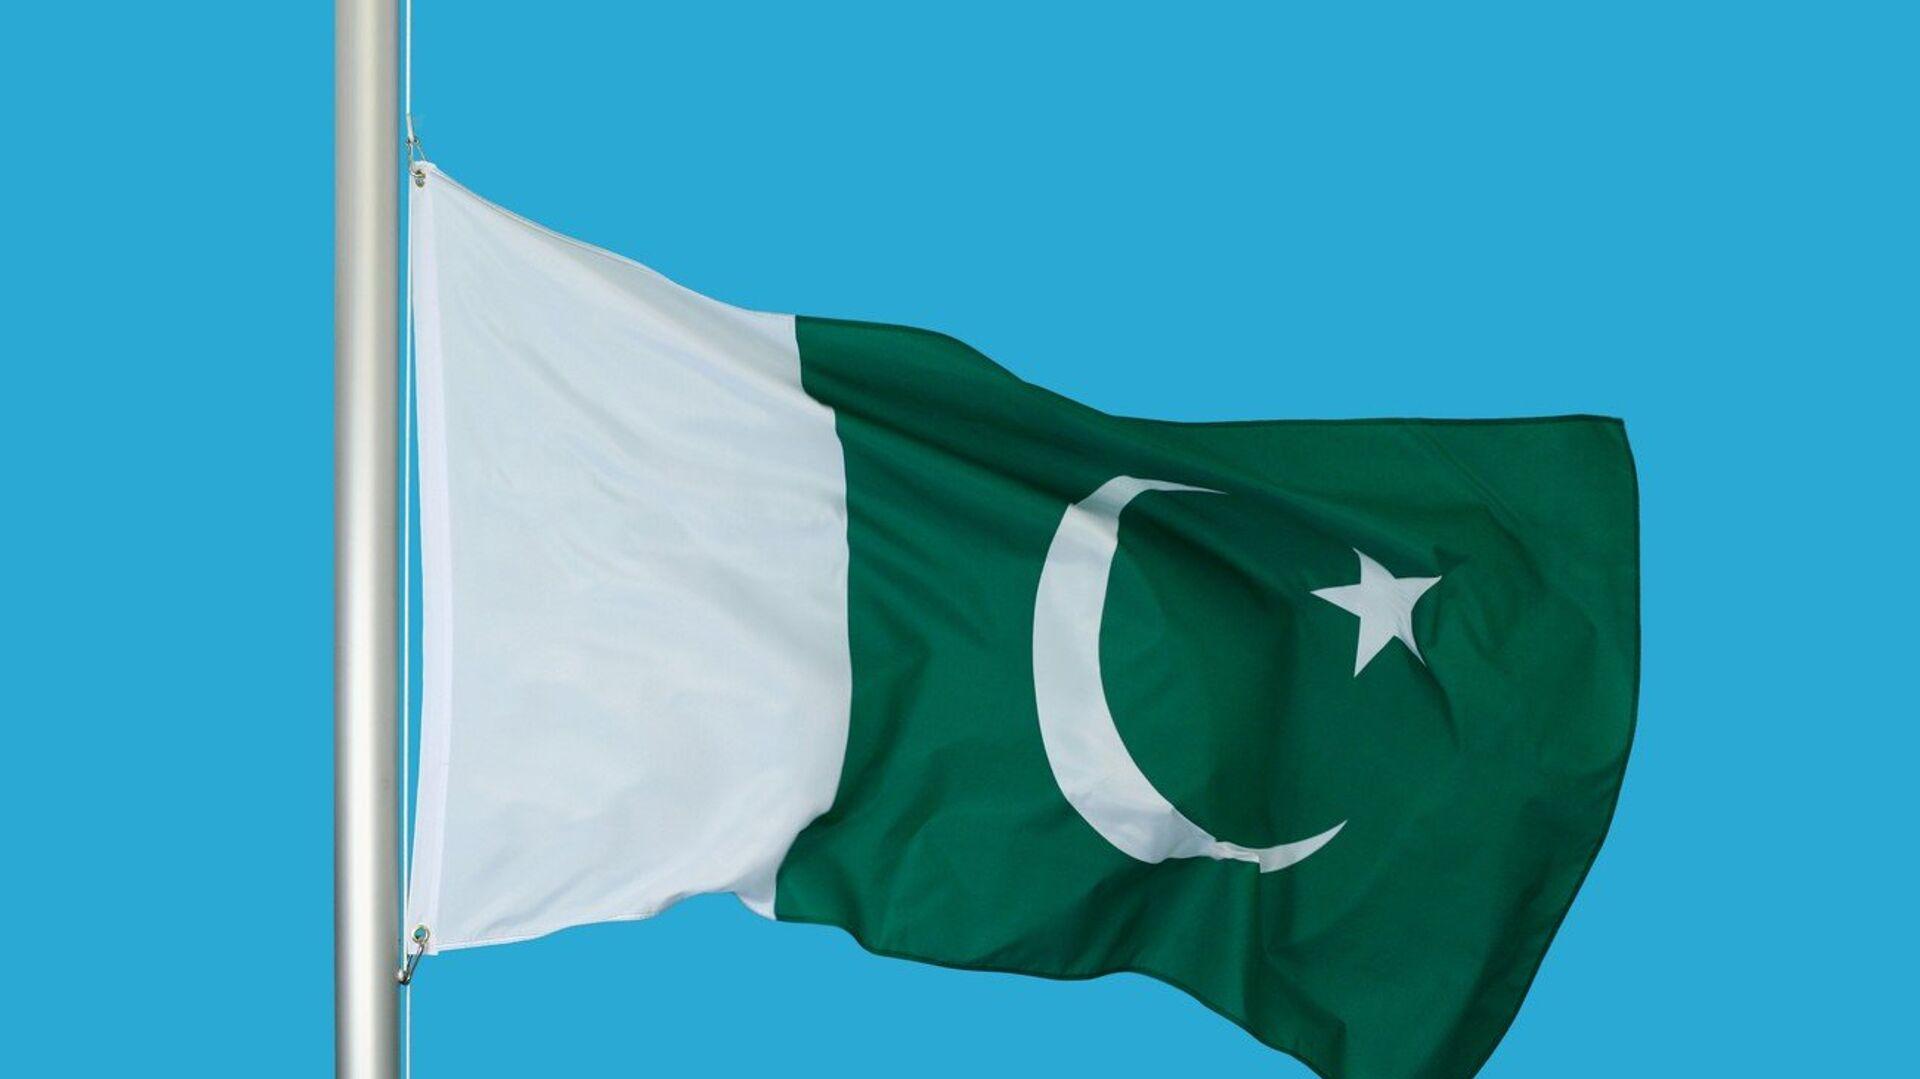 La bandiera del Pakistan - Sputnik Italia, 1920, 23.09.2021